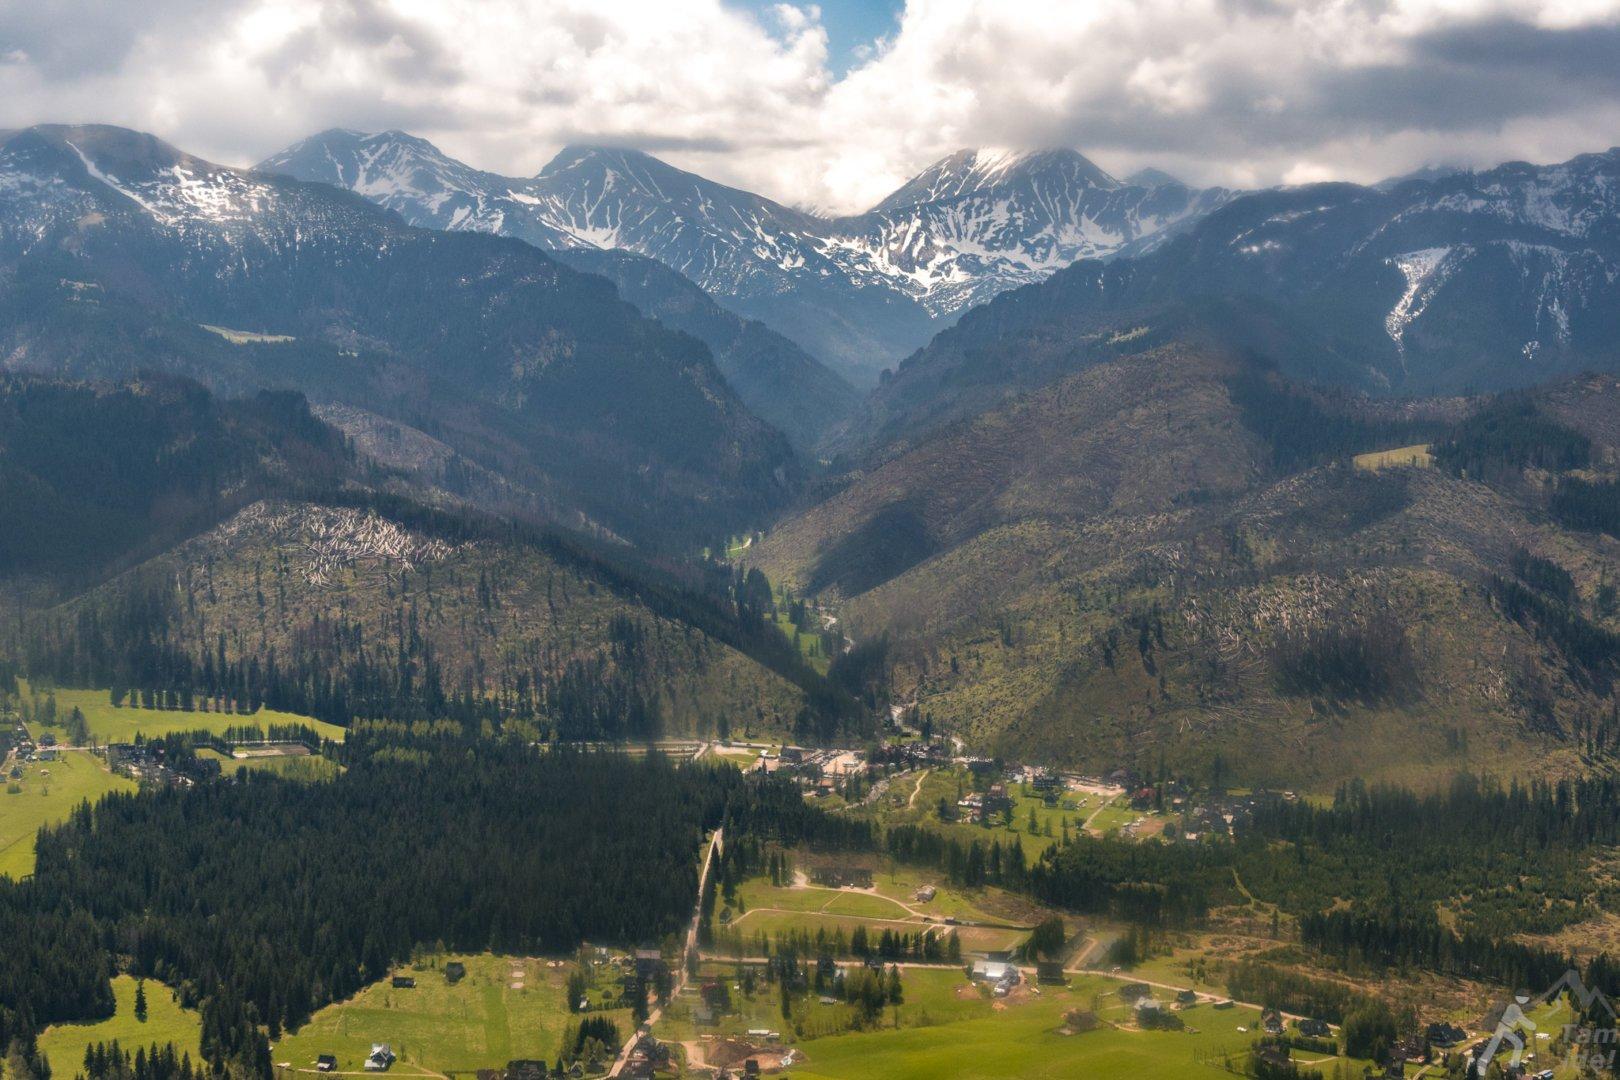 Dolina Kościeliska panorama z góry